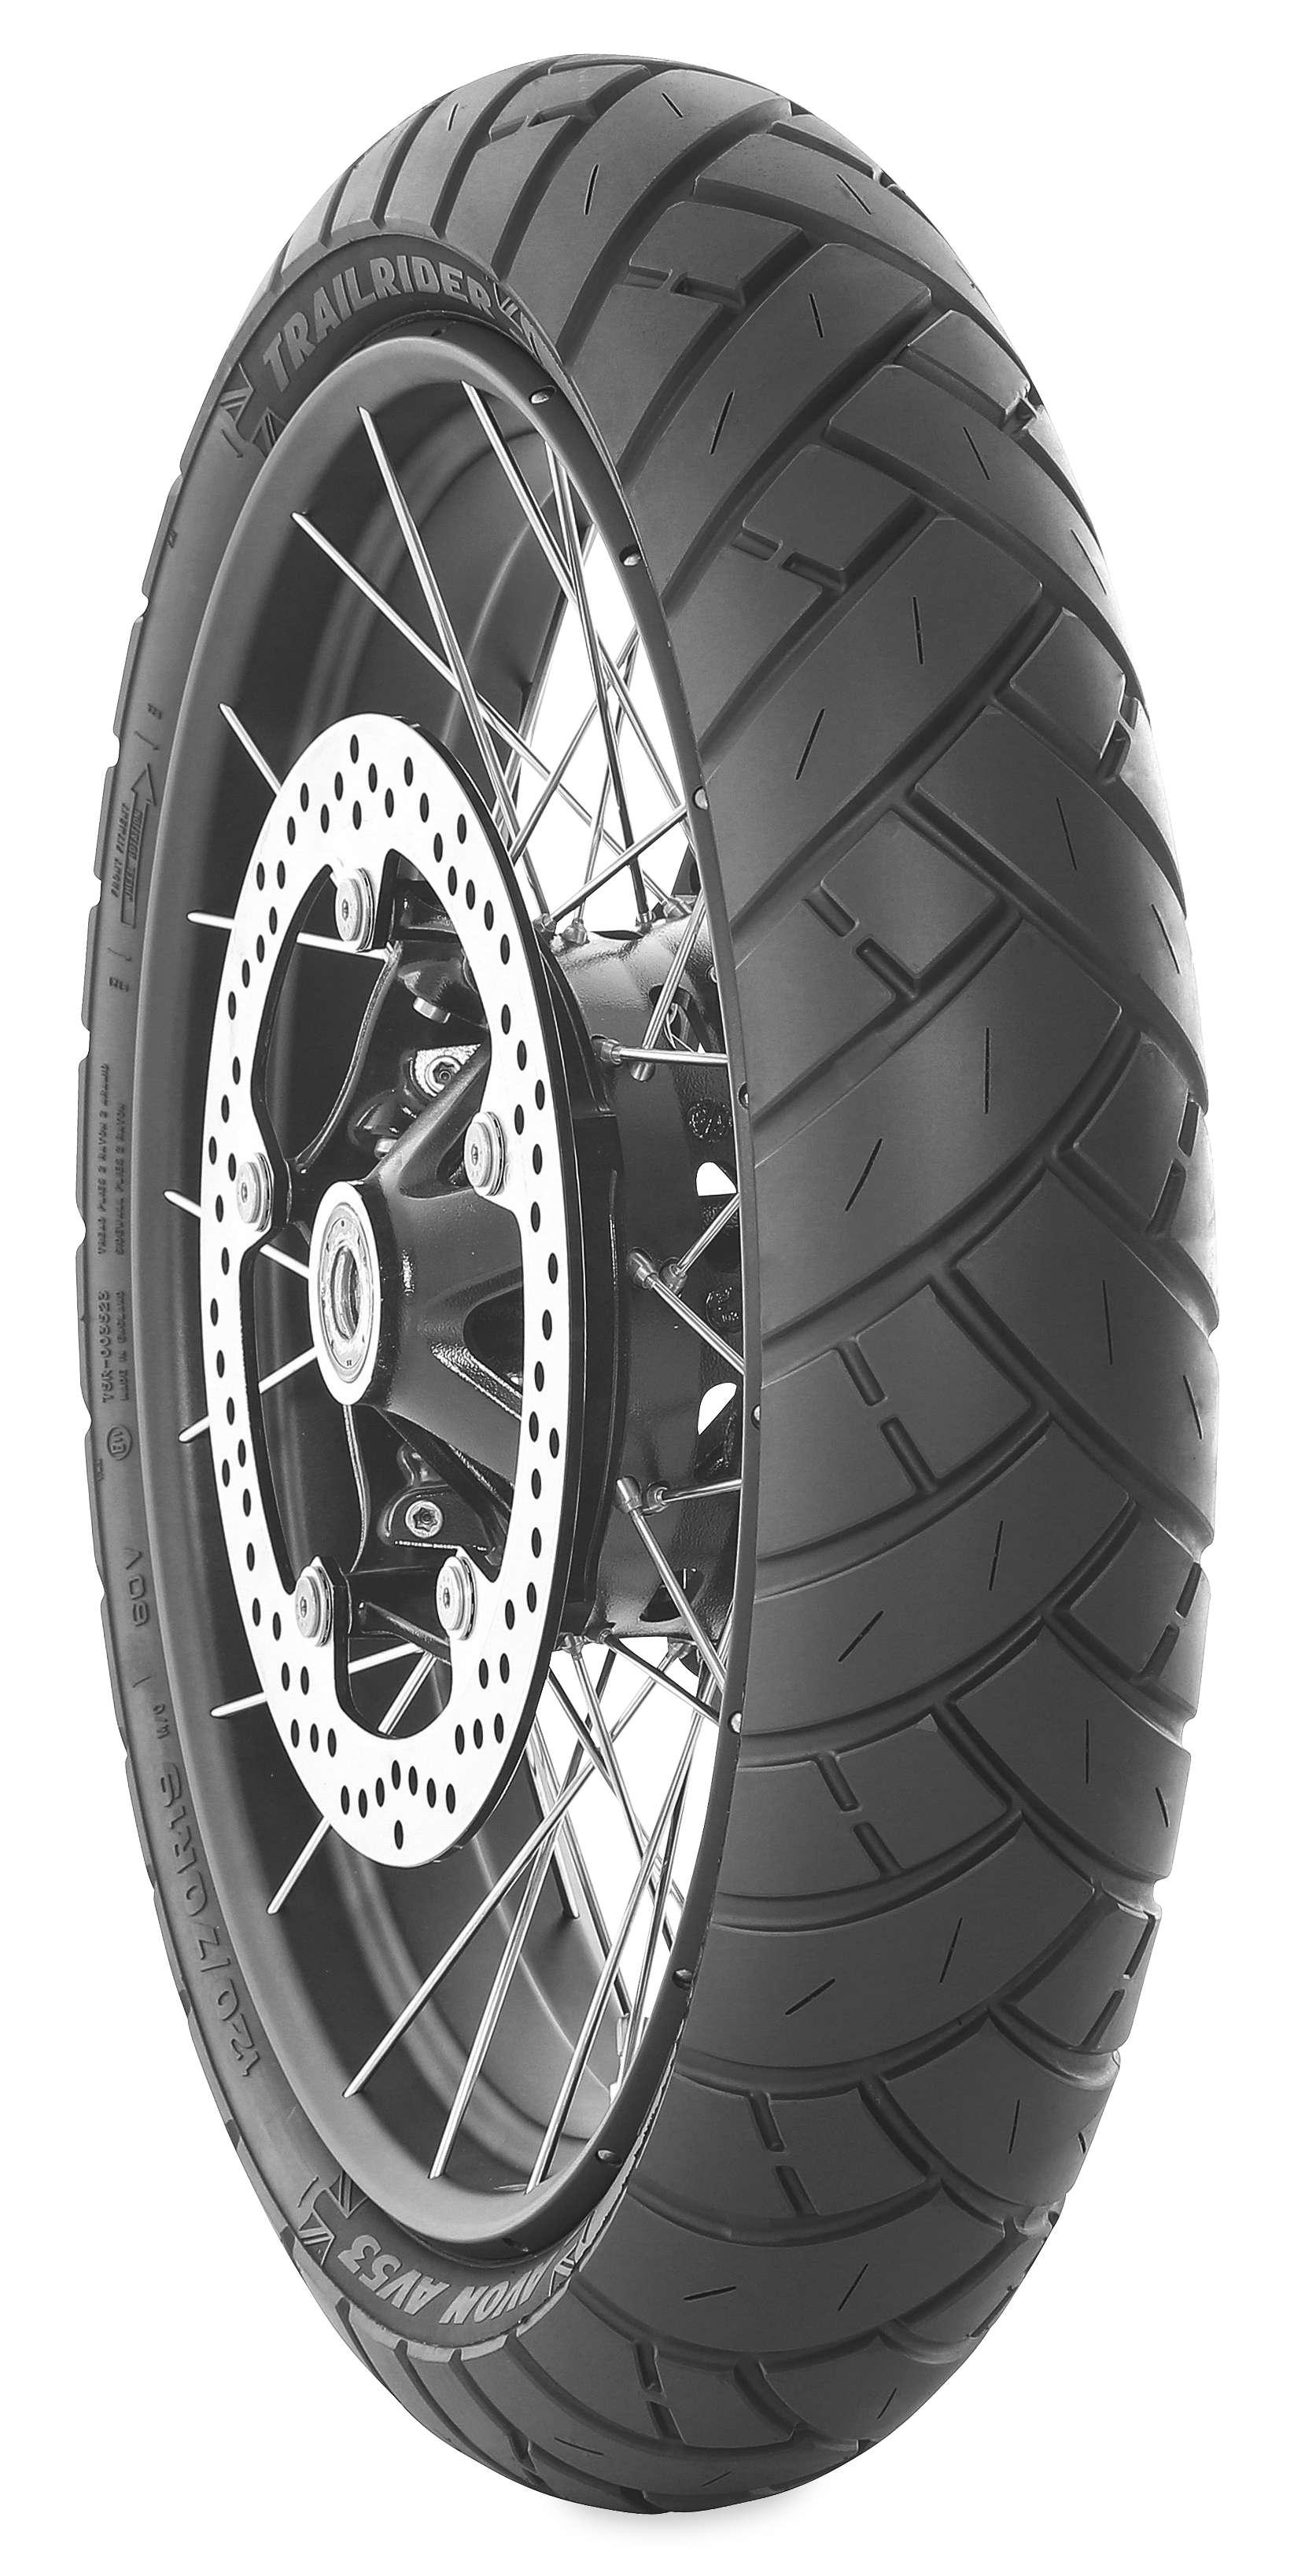 TrailRider Dual Sport Tires